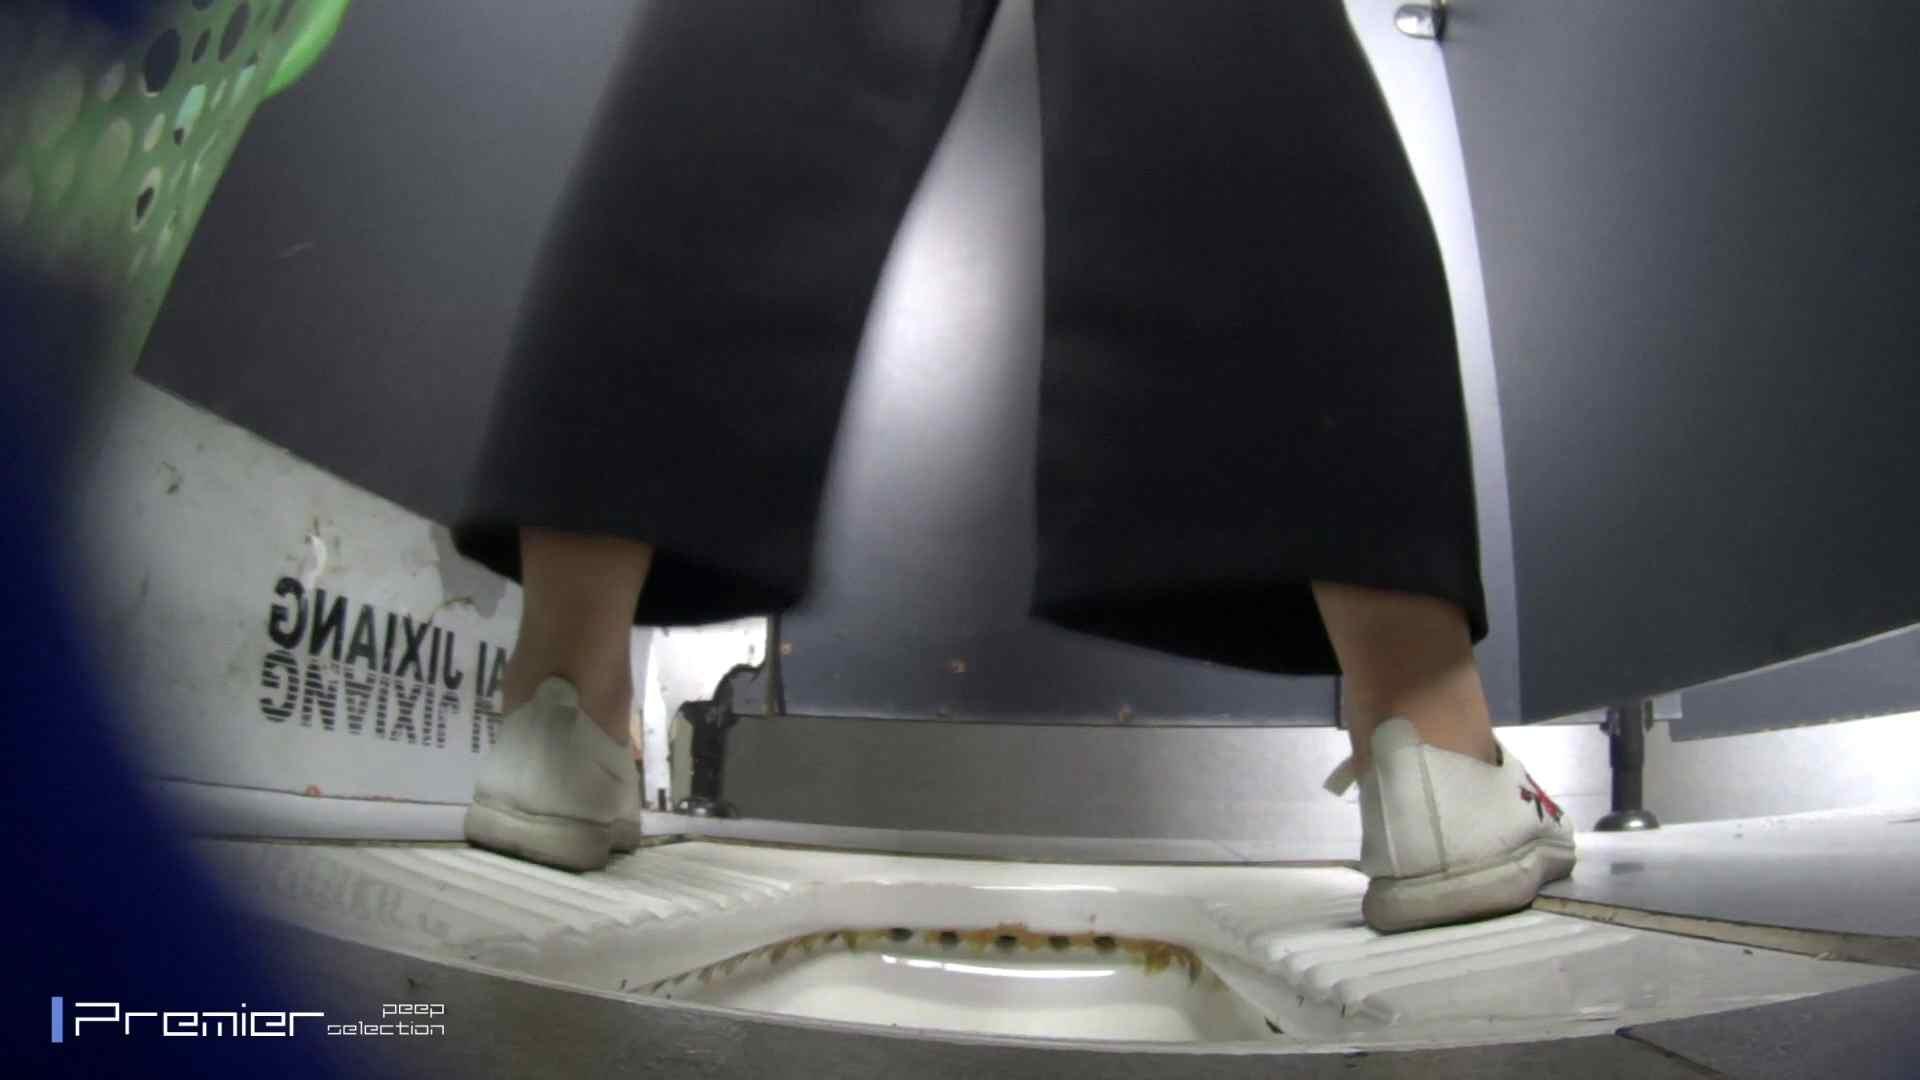 ポチャが多めの洗面所 大学休憩時間の洗面所事情45 ポチャ ヌード画像 86連発 48